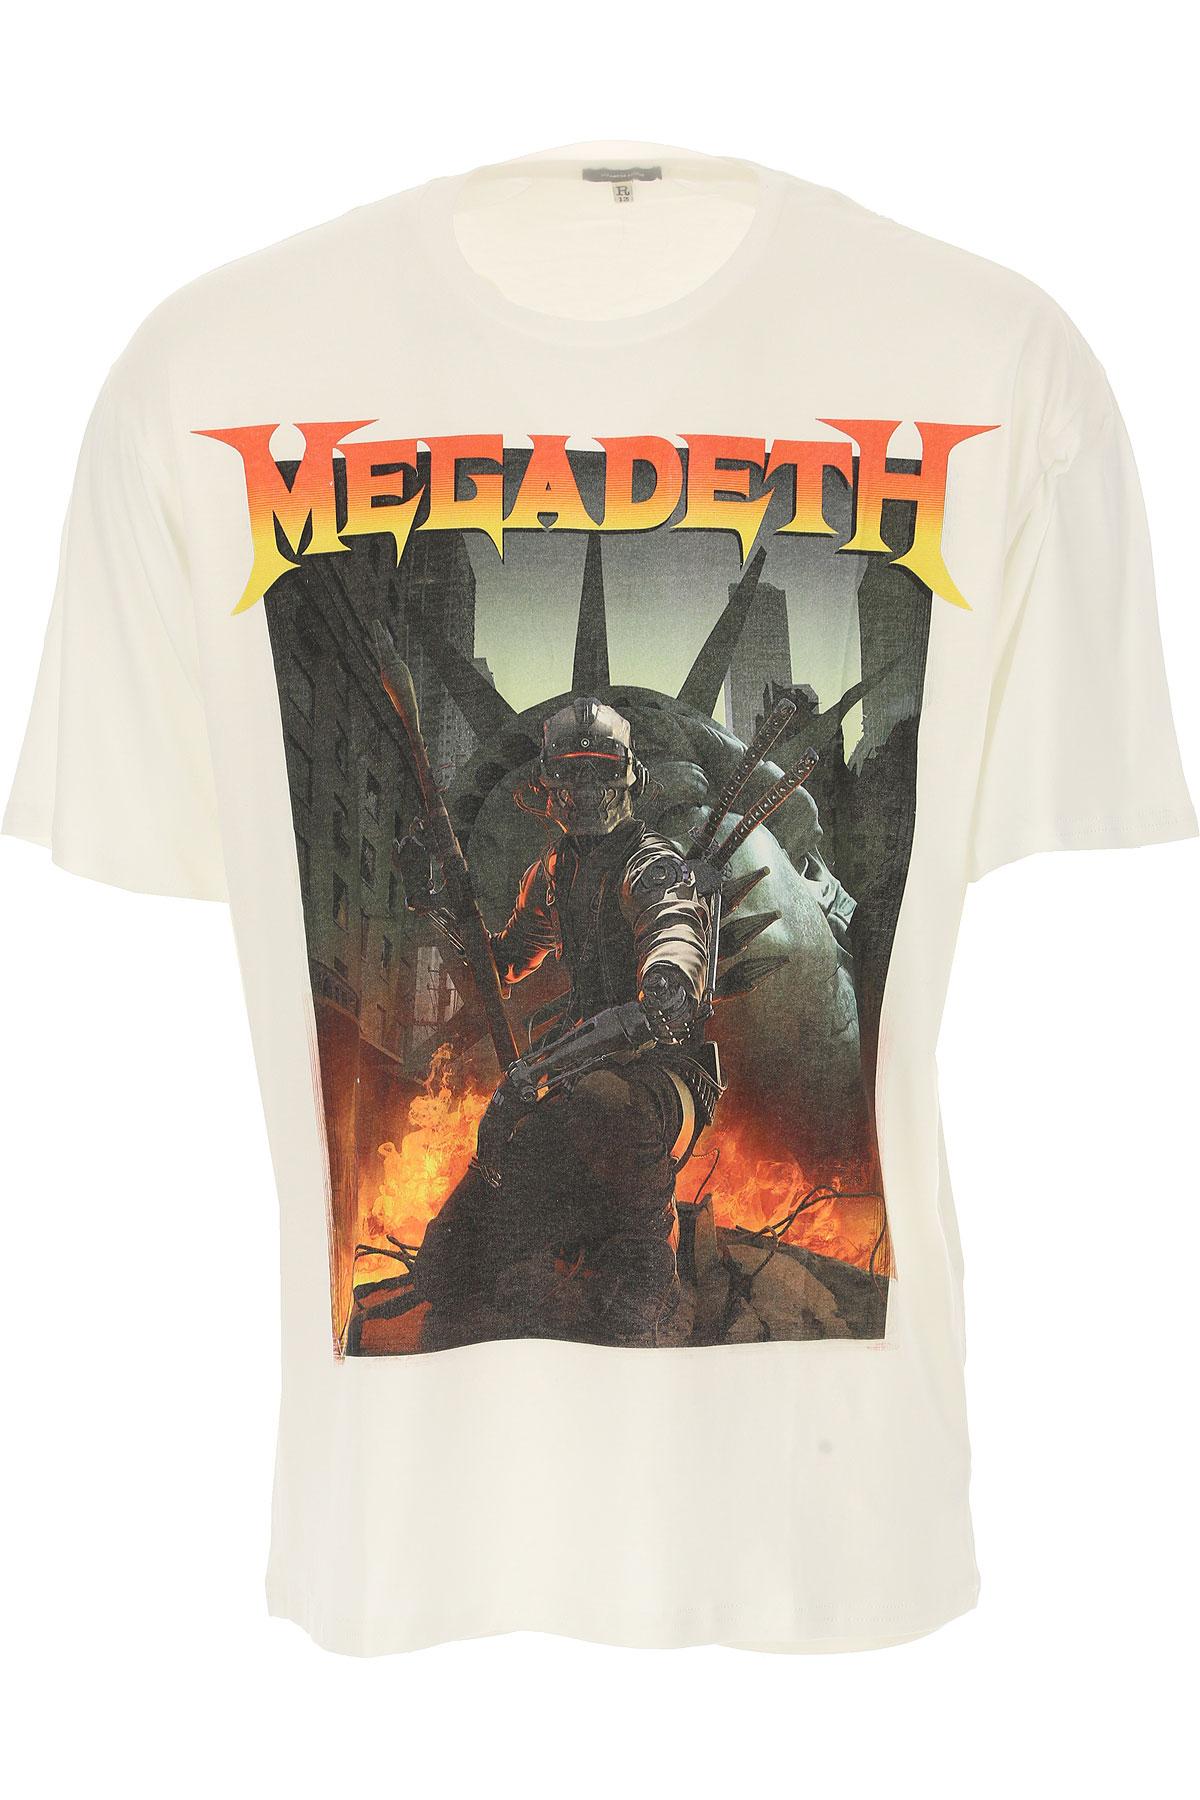 R13 T-Shirt for Men, White, Cotton, 2017, L M XL